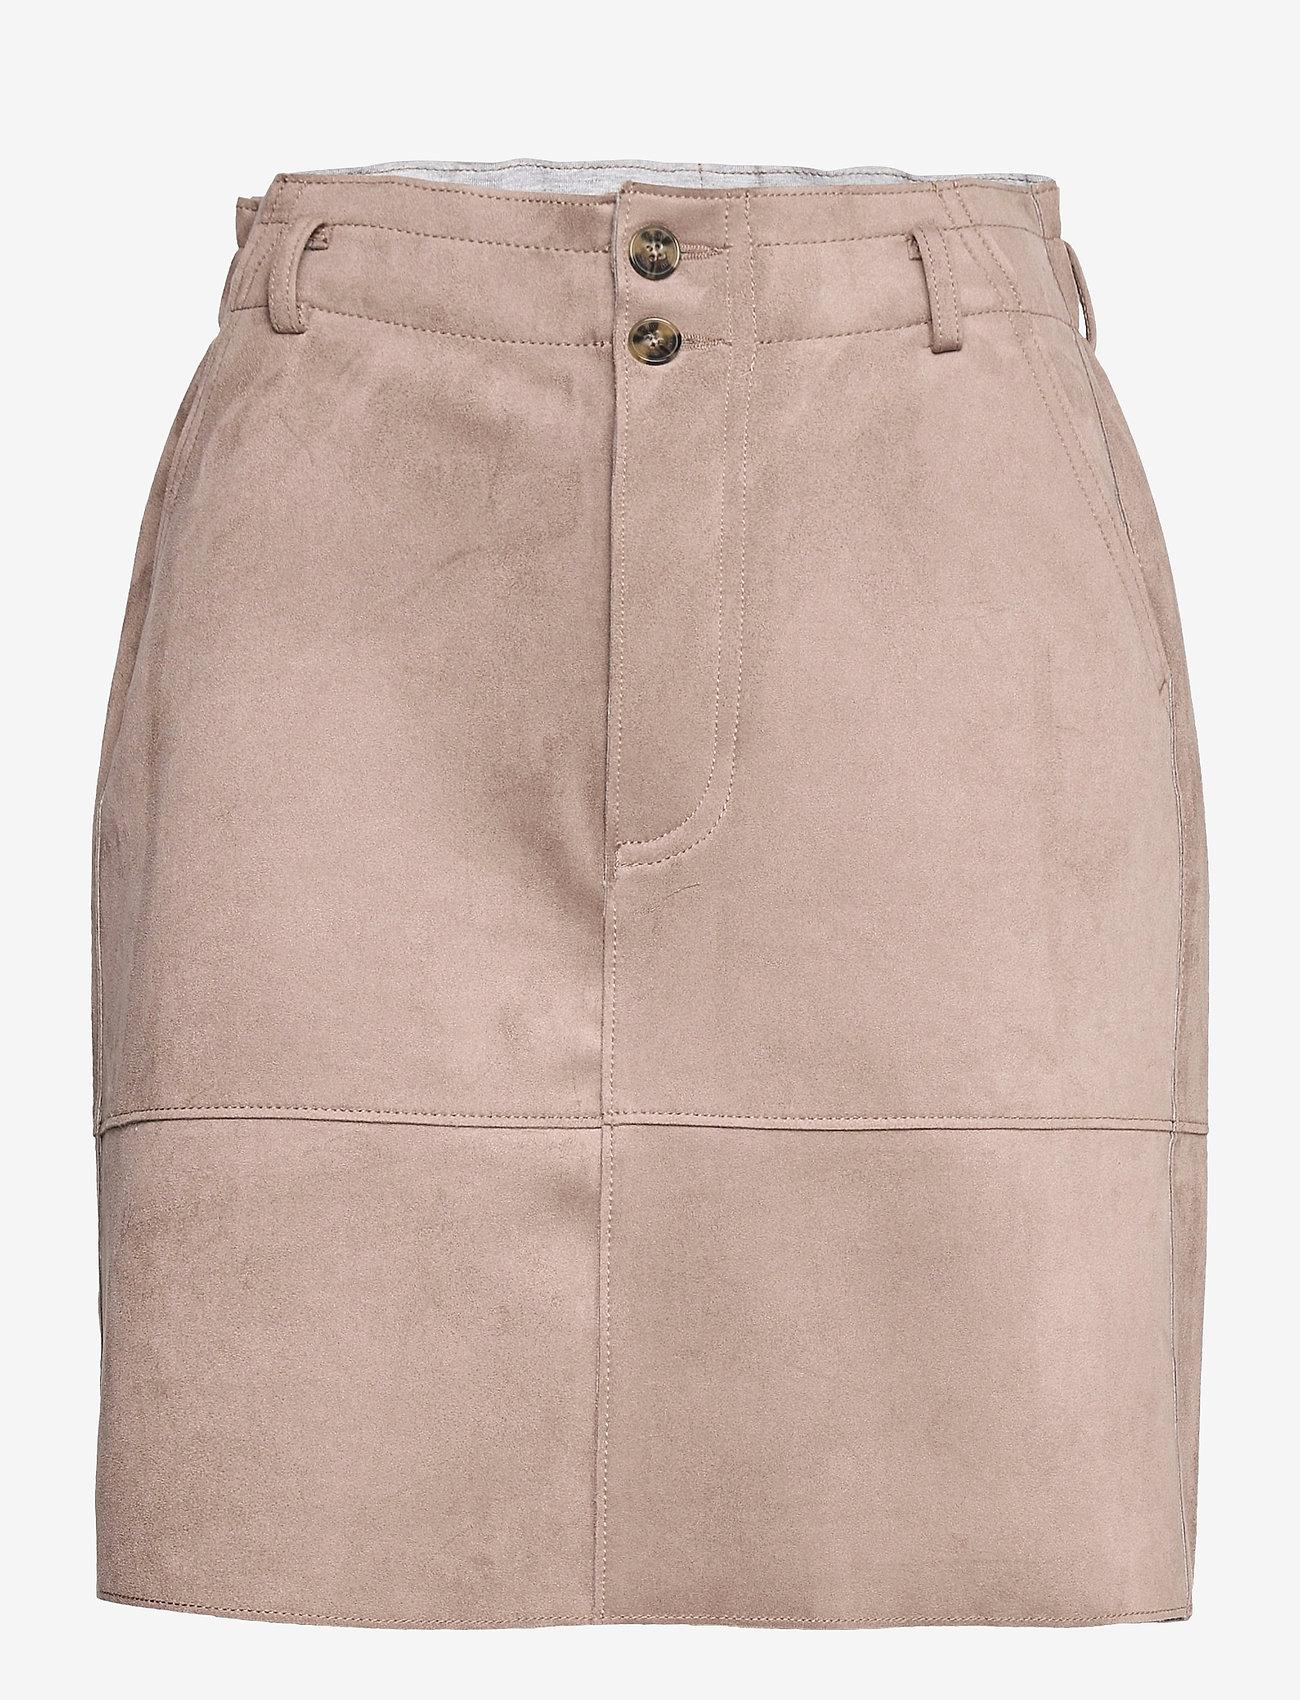 Esprit Casual - Skirts woven - korta kjolar - taupe - 0